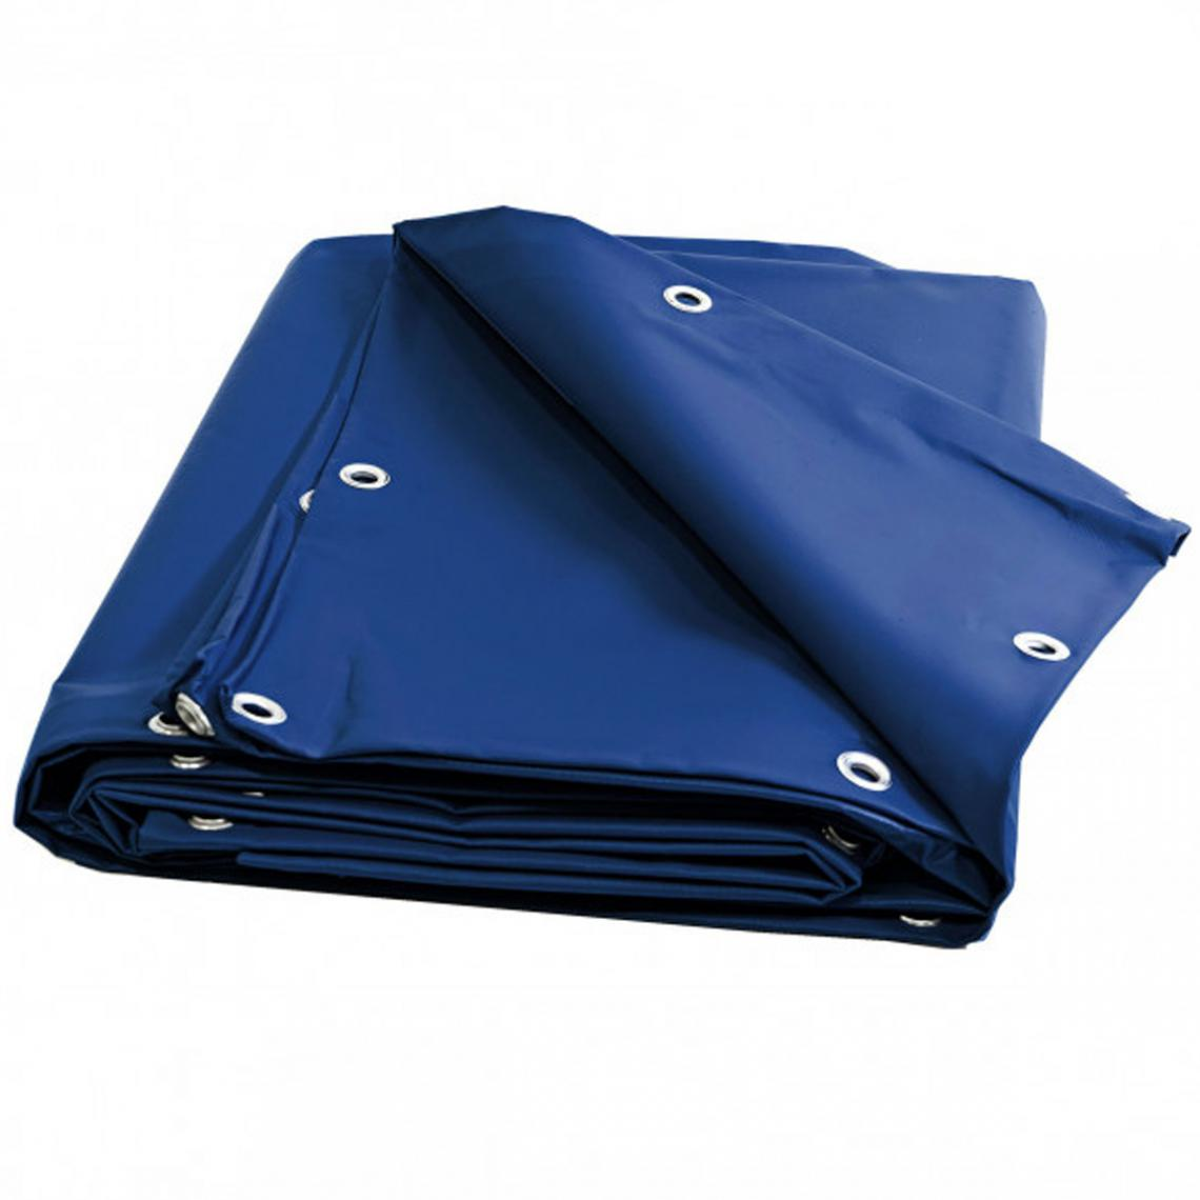 Univers Du Pro Bâche Toiture 10 x 12 m Bleue 680 g/m2 PVC Haute qualité